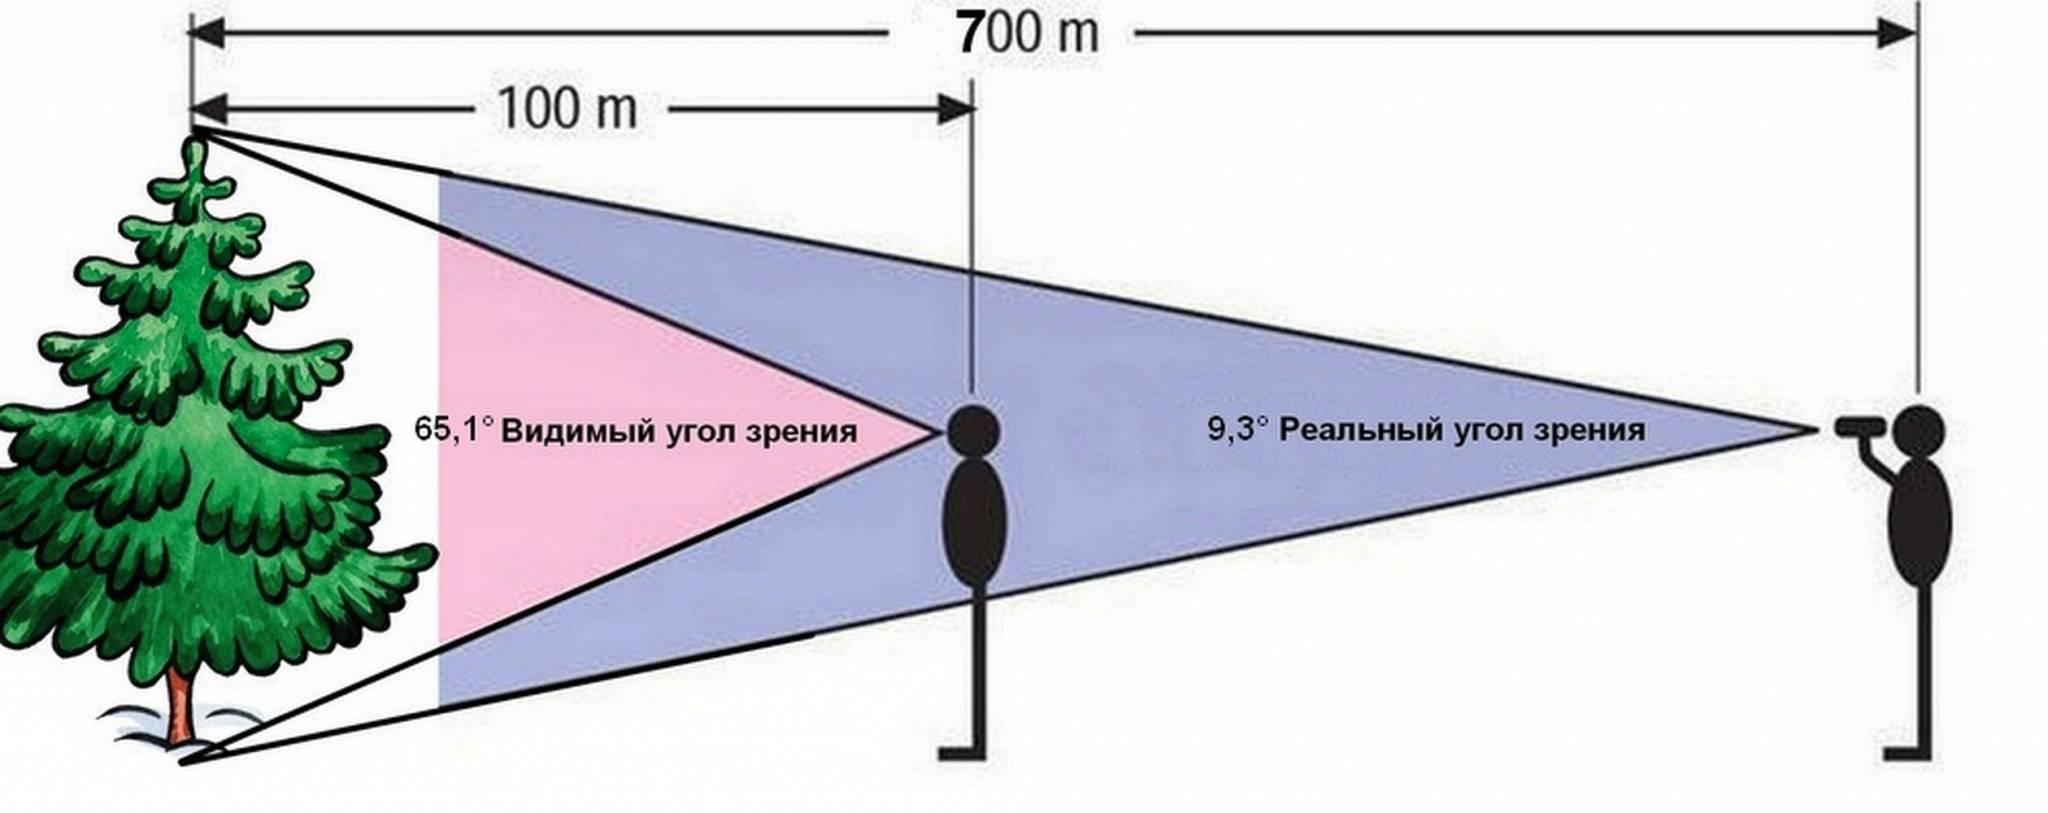 Уловить краем глаза или периферическим зрением